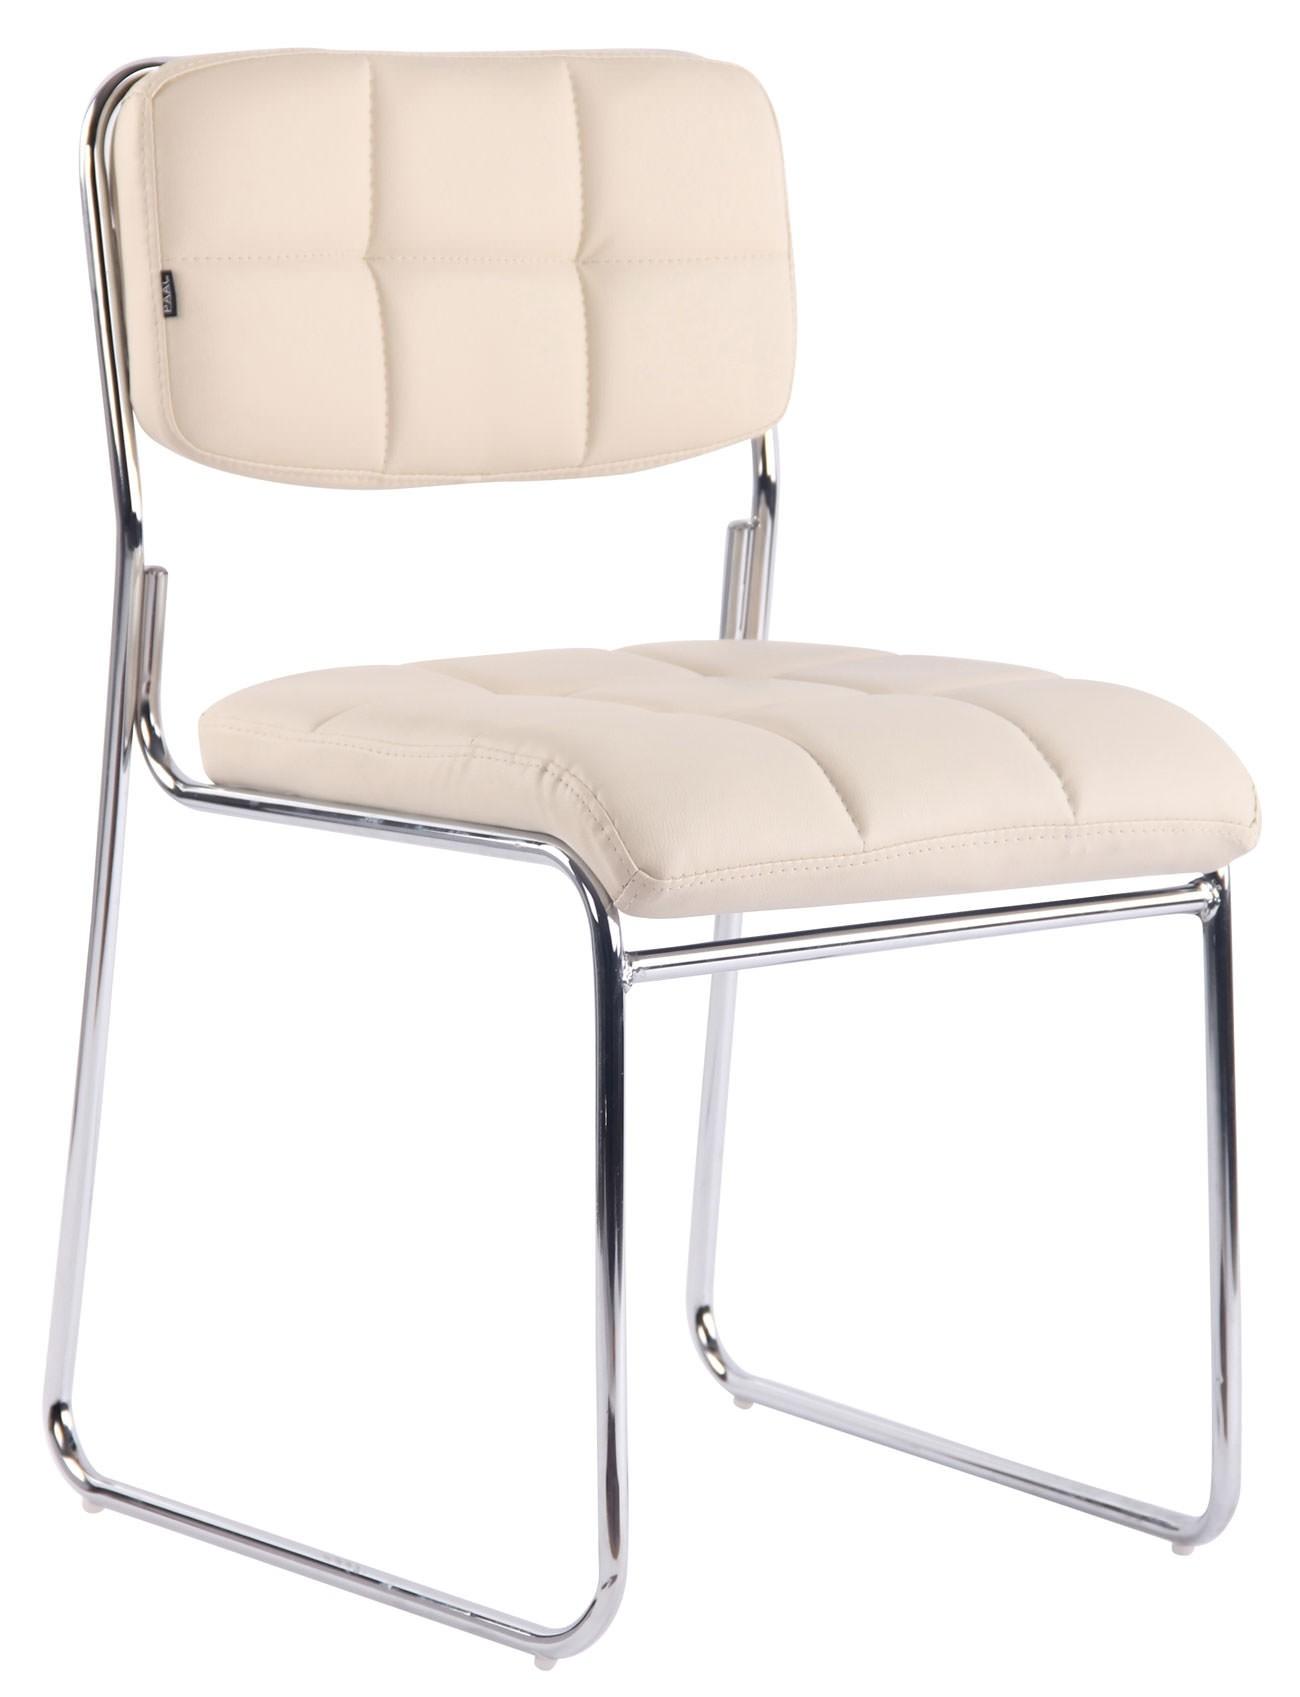 Chaise de visiteur Gera similicuir